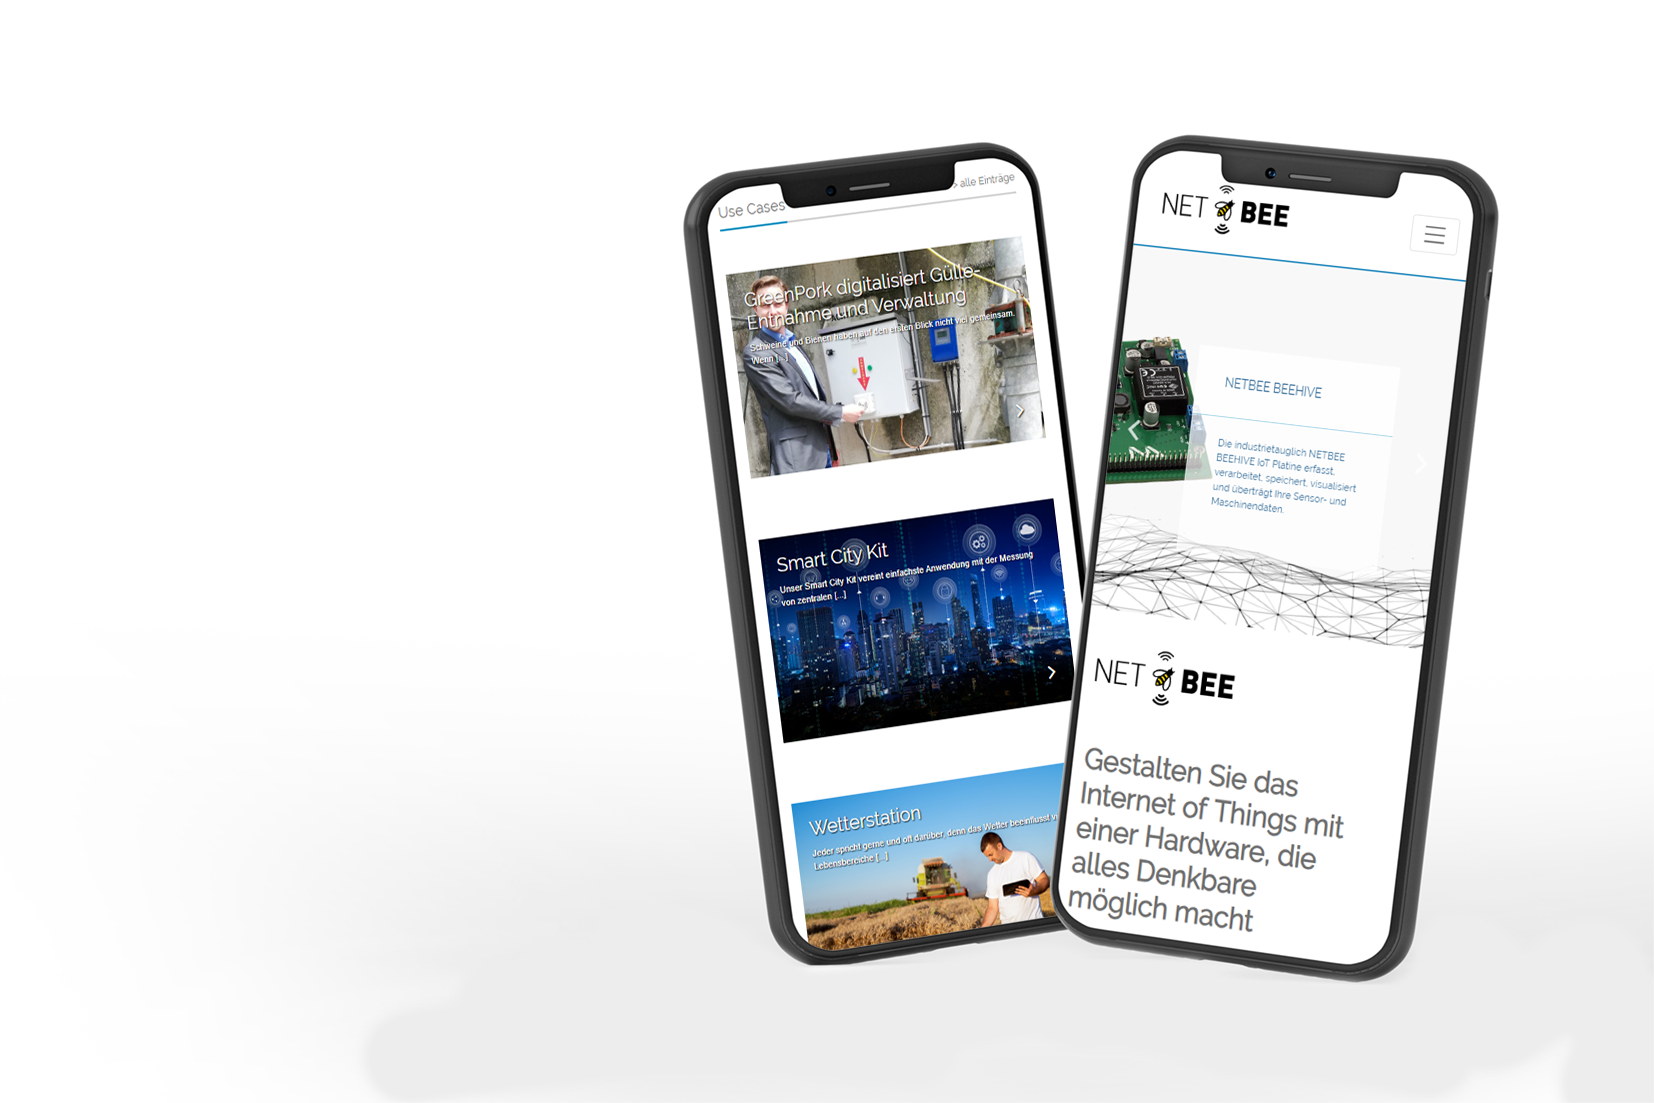 NETBEE Website Smartphone